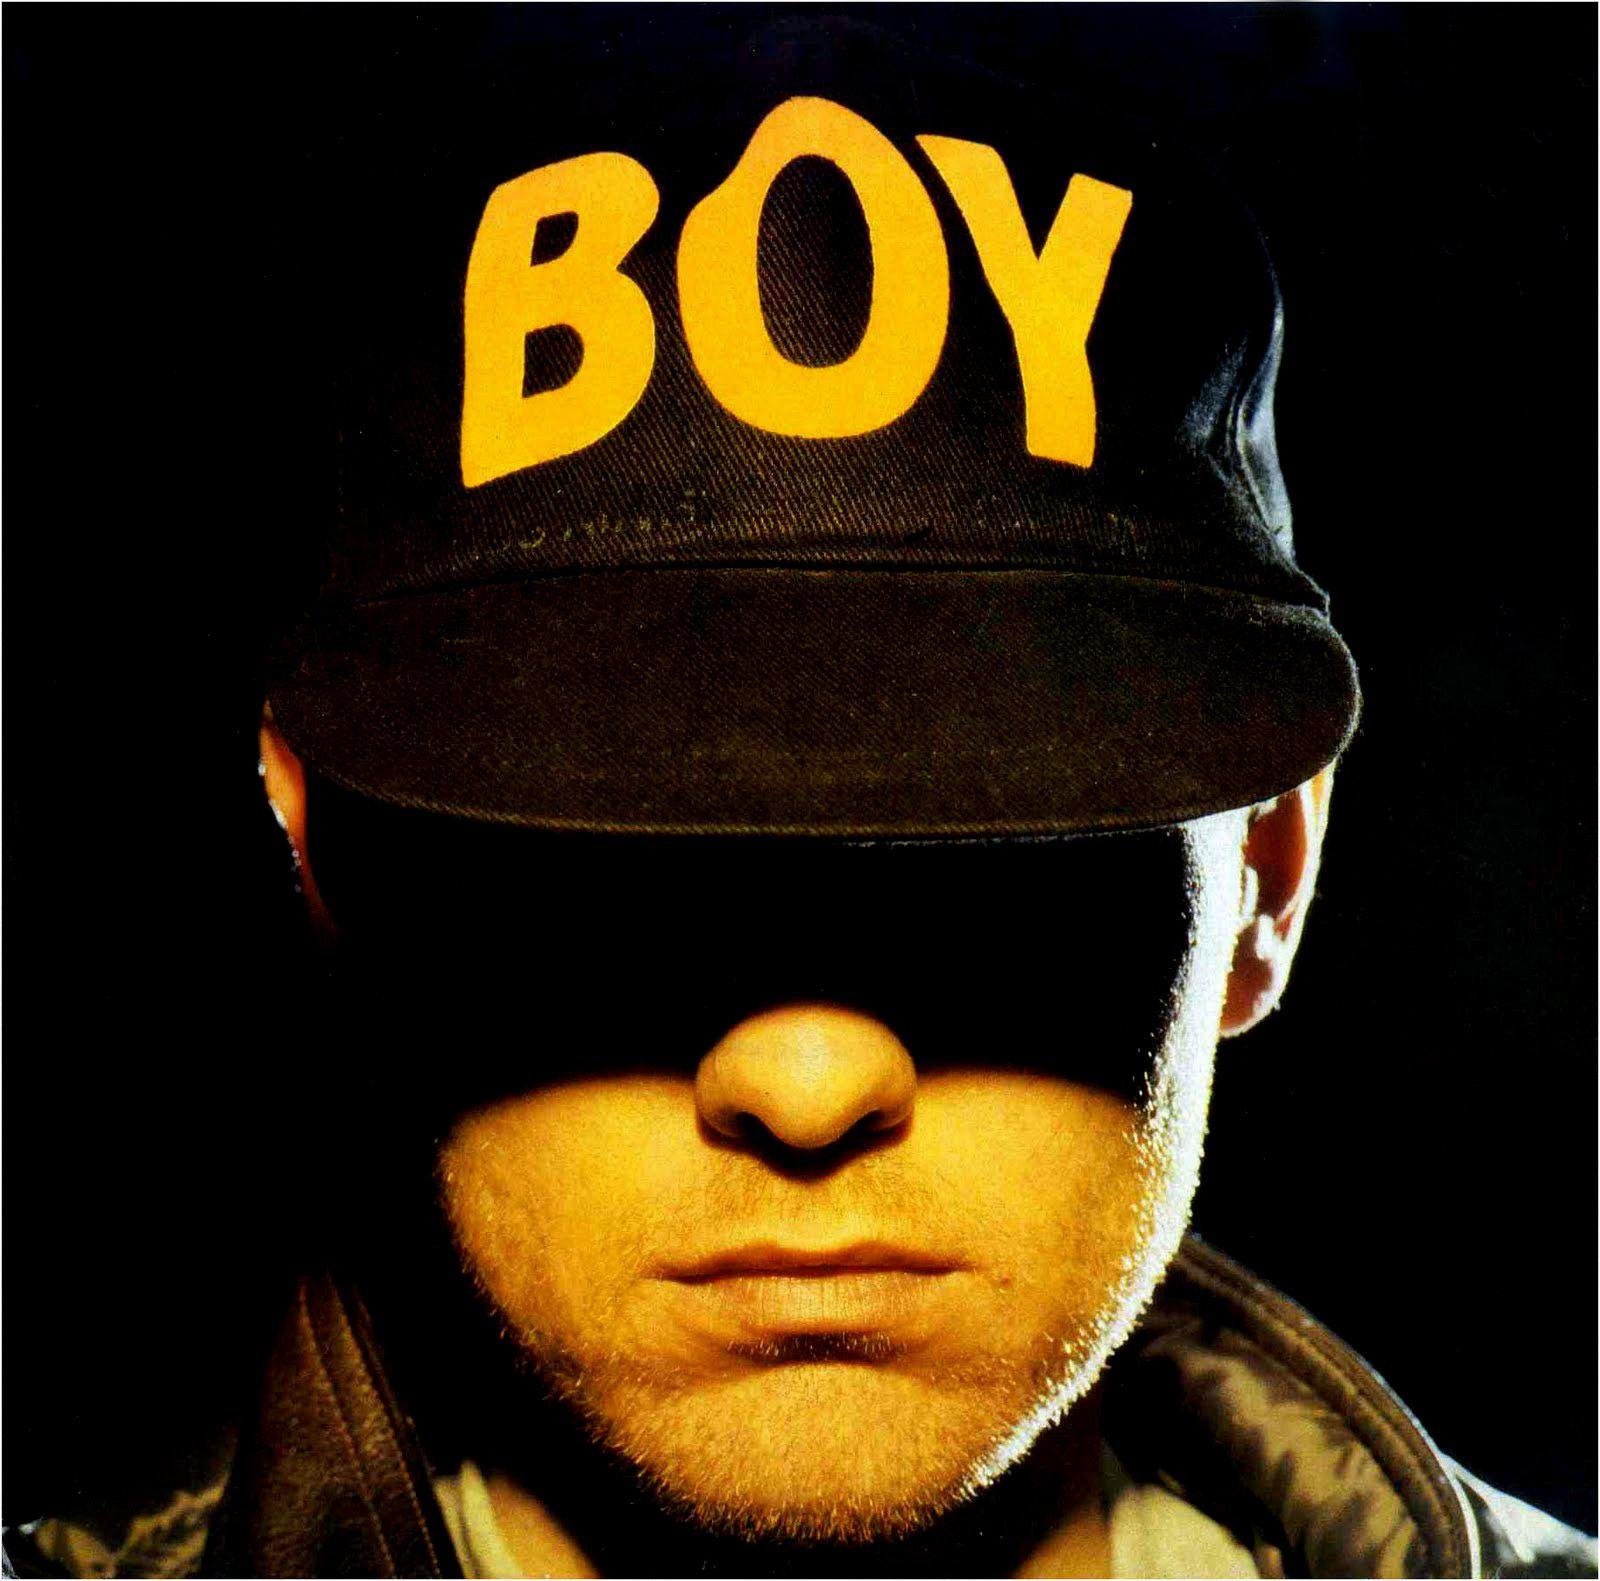 Chris Lowe Pet Shop Boys Love Comes Quickly Artwork Pet Shop